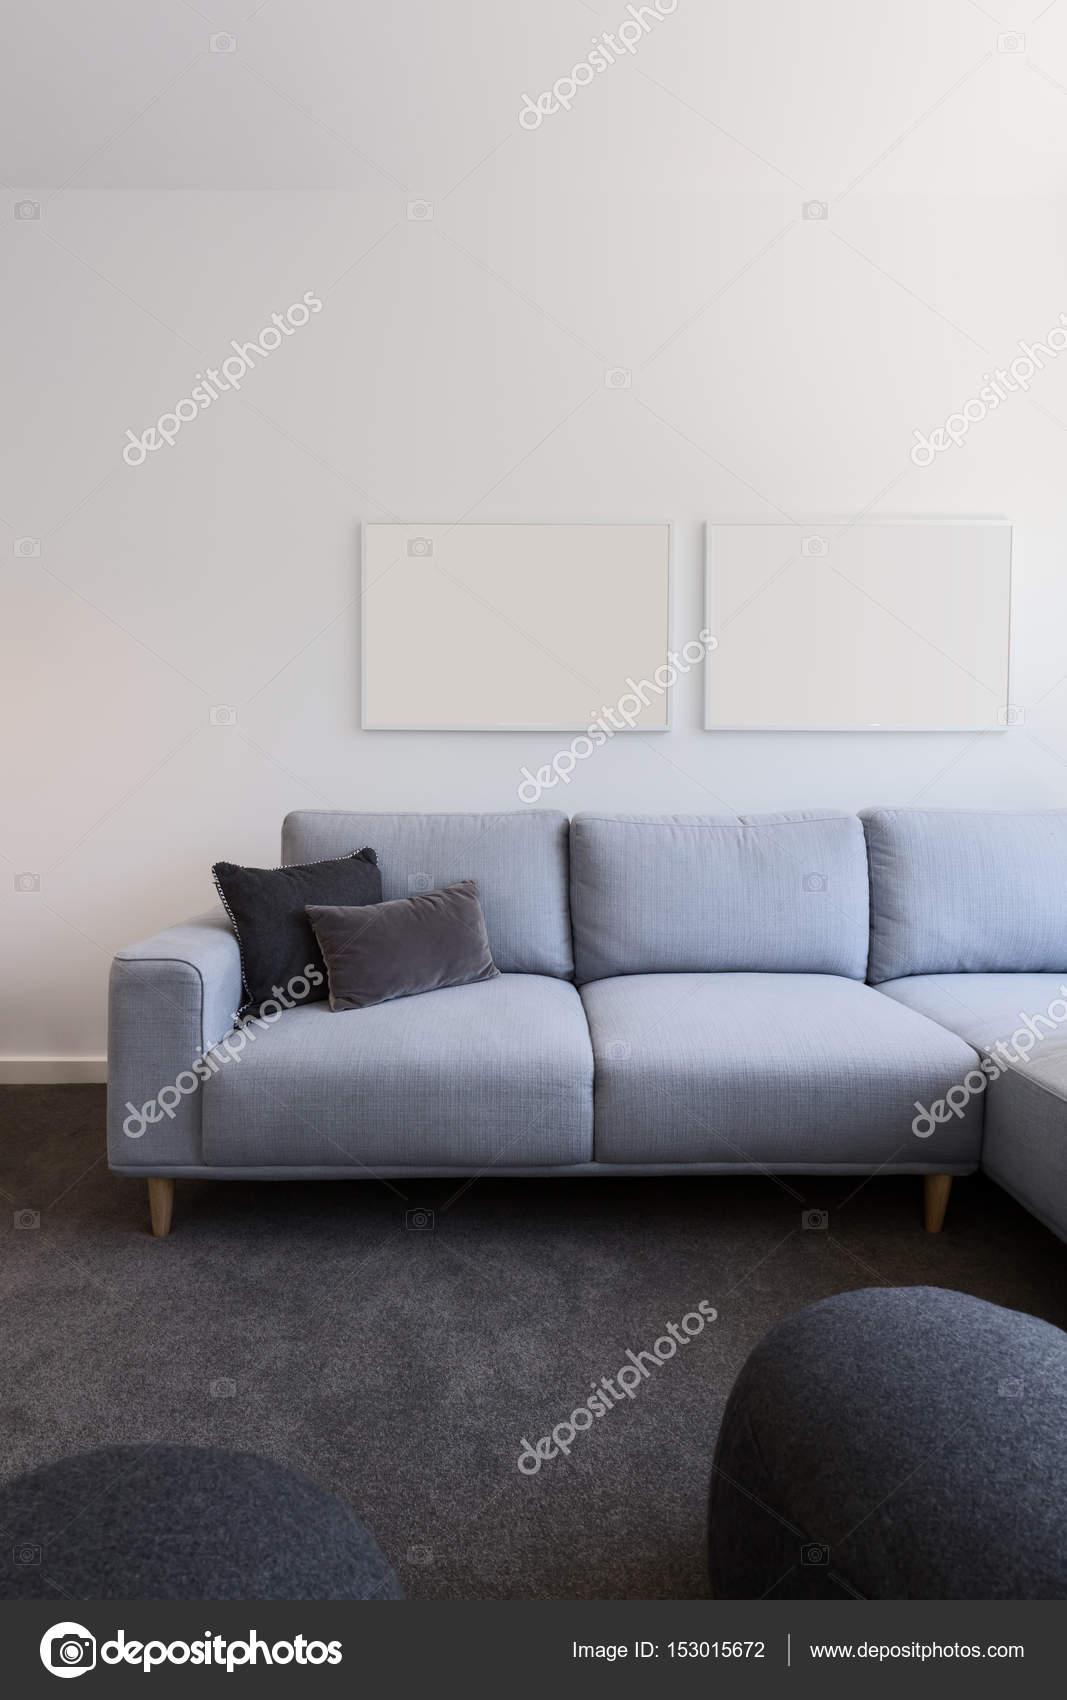 canapé bleu pastel blanc oeuvre ci-dessus — Photographie ...